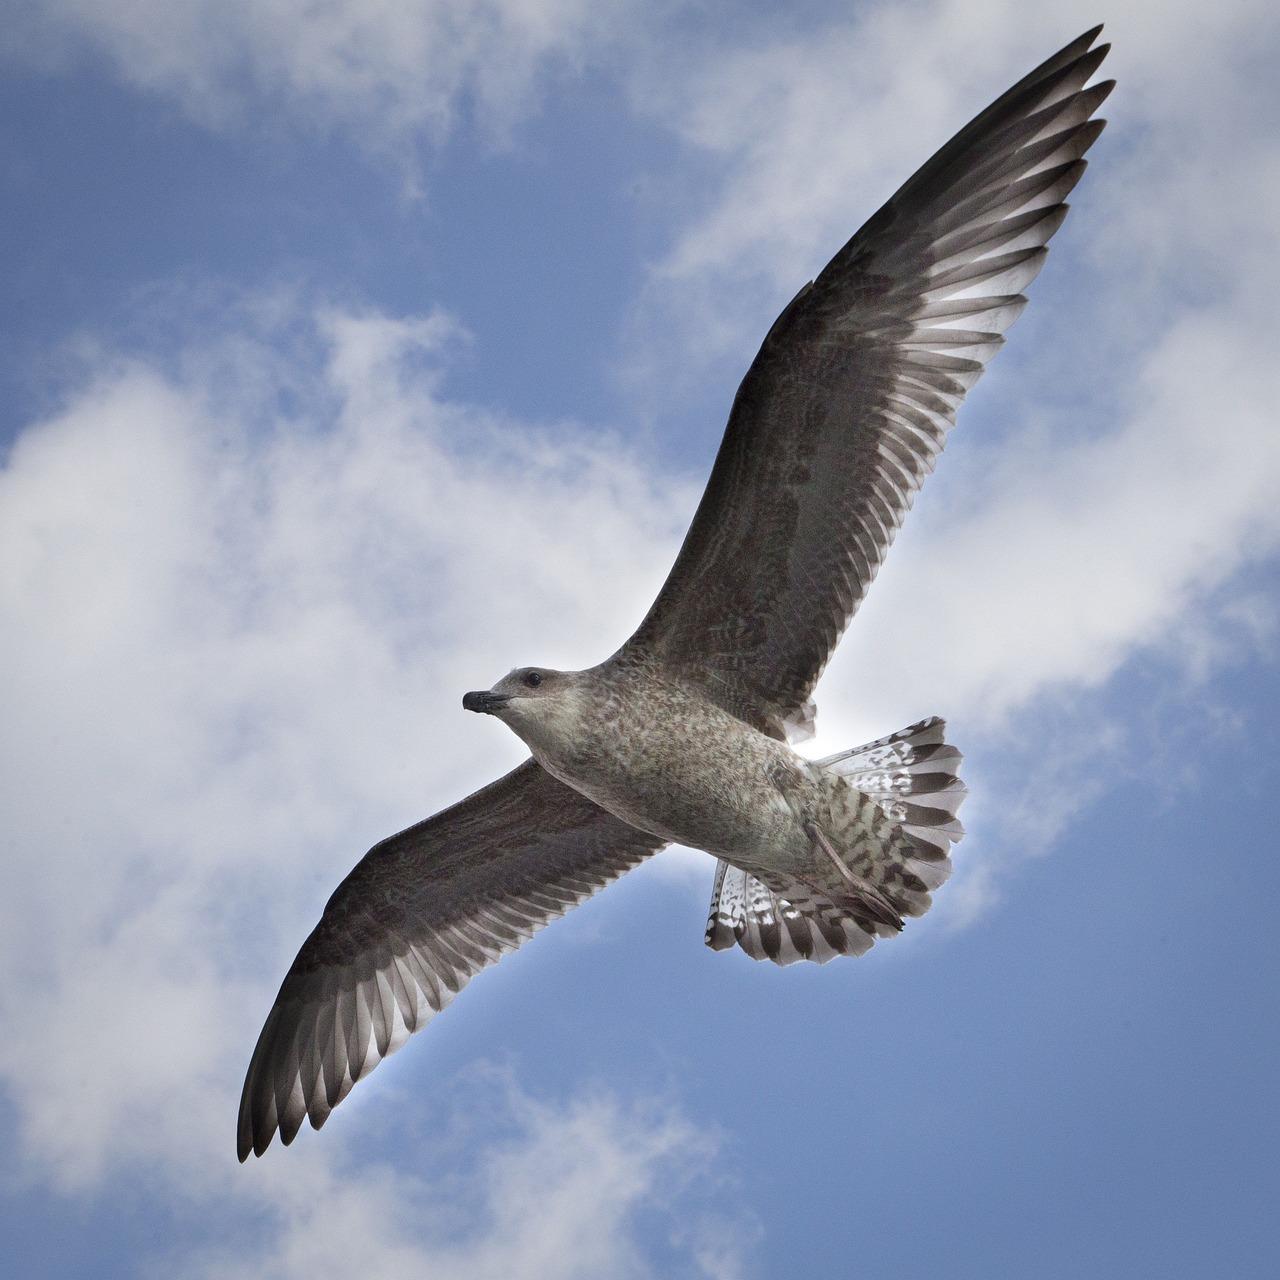 картинки летящих птиц первый опыт работы